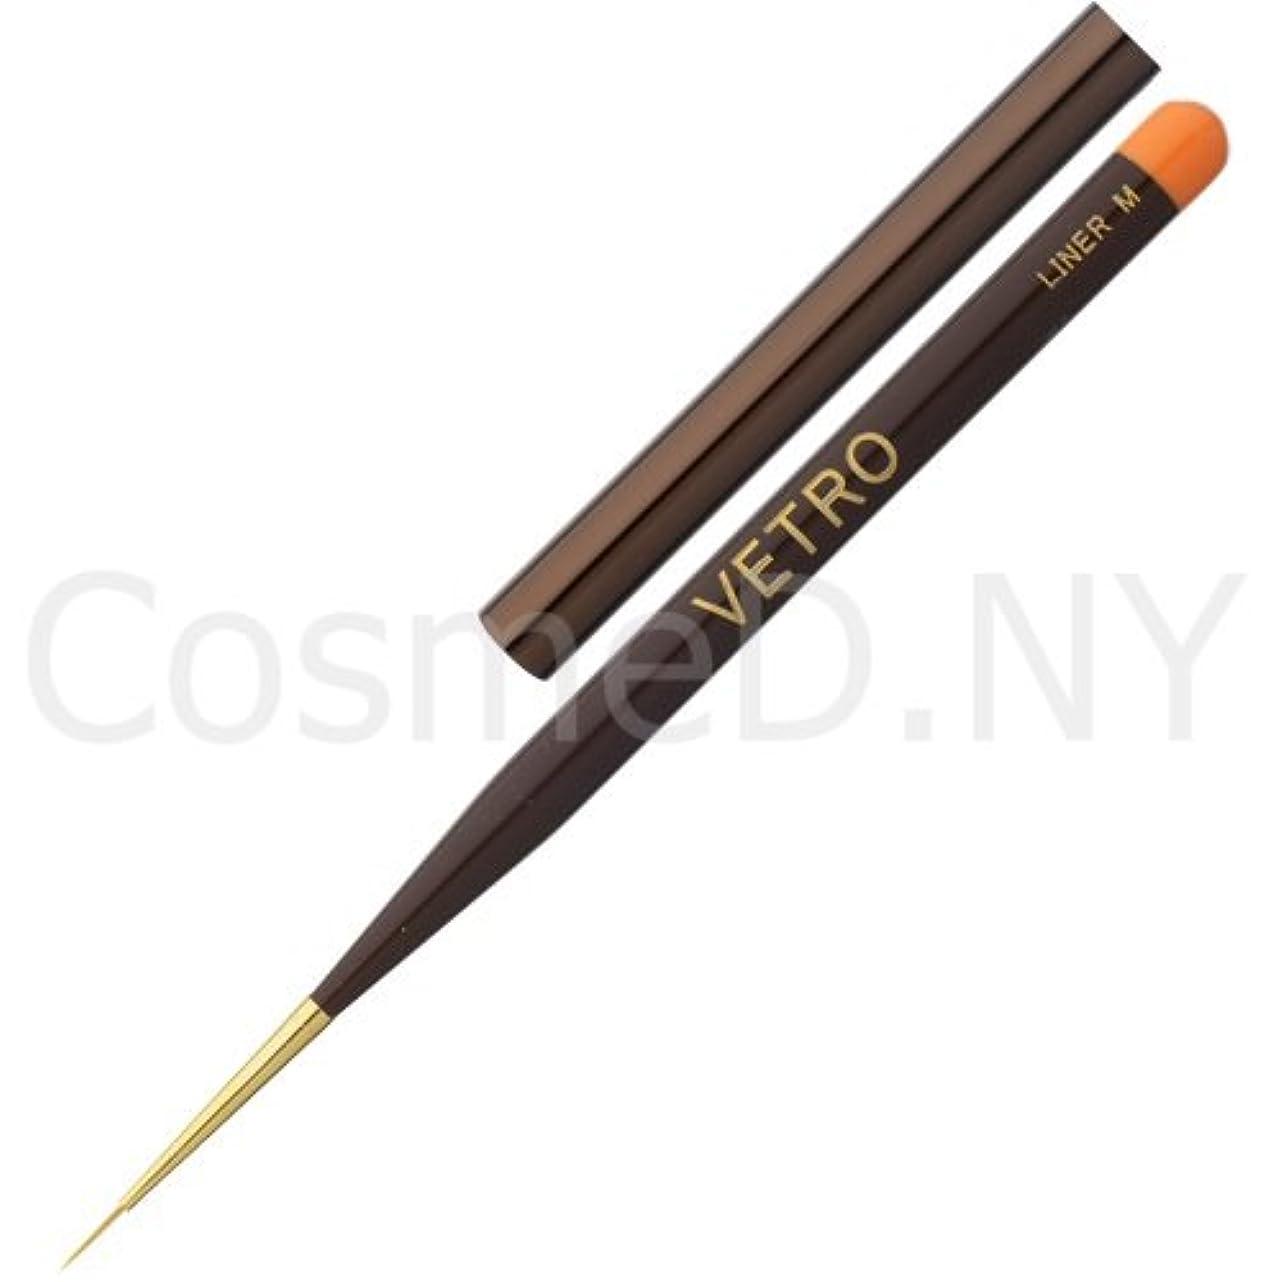 種類腹カフェテリアVETRO ジェルブラシ ライナーM 全長:15.2cm ブラシ縦9mm ブラシキャップ付